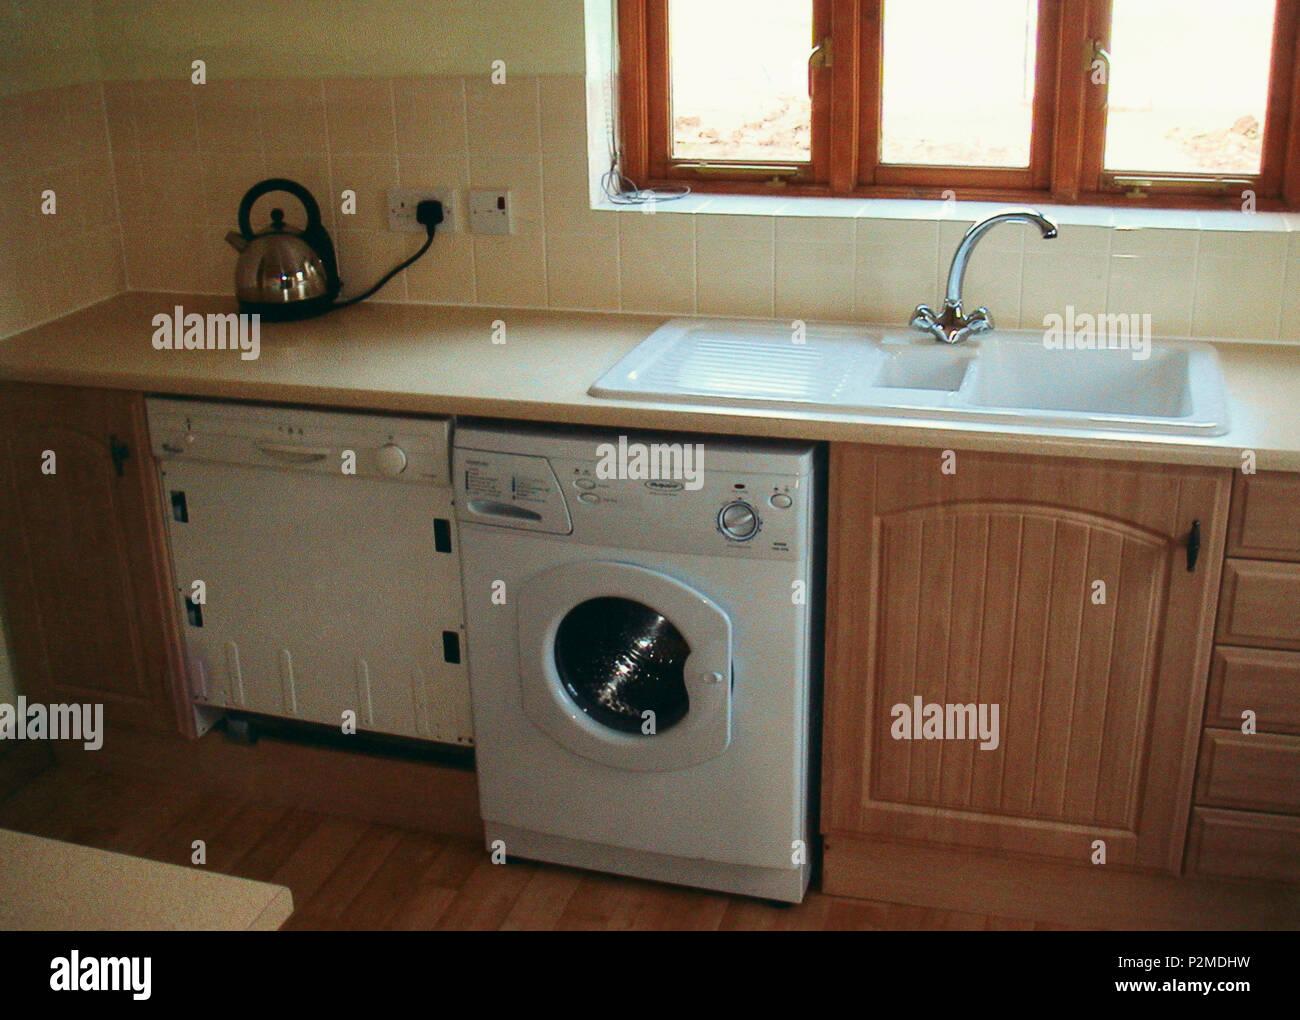 Cuisine Avec Lave Linge Et Lave Vaisselle évier Double Blanc Ci Dessous